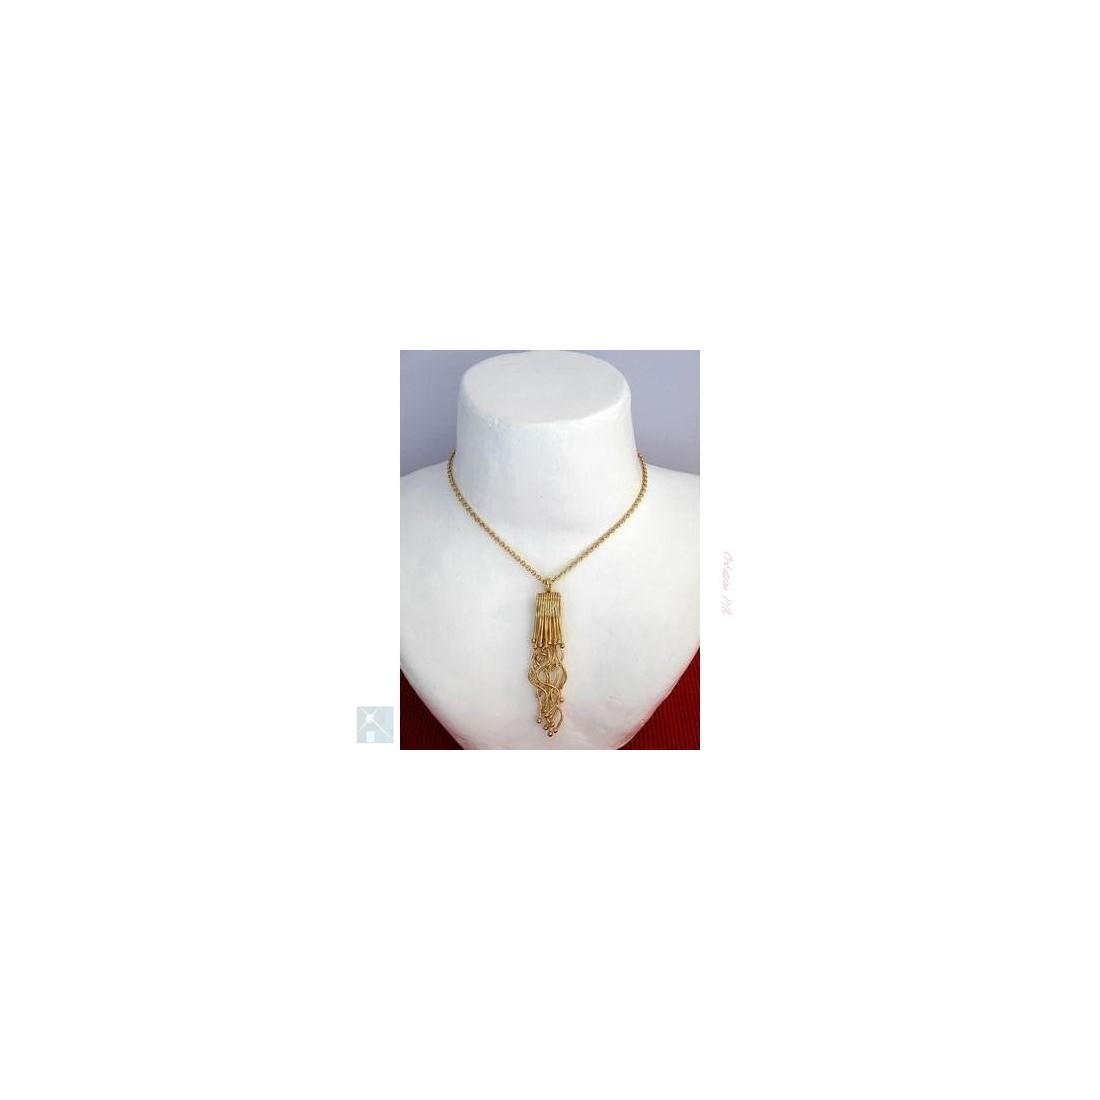 Pendentif doré, création de bijoux artisanaux.